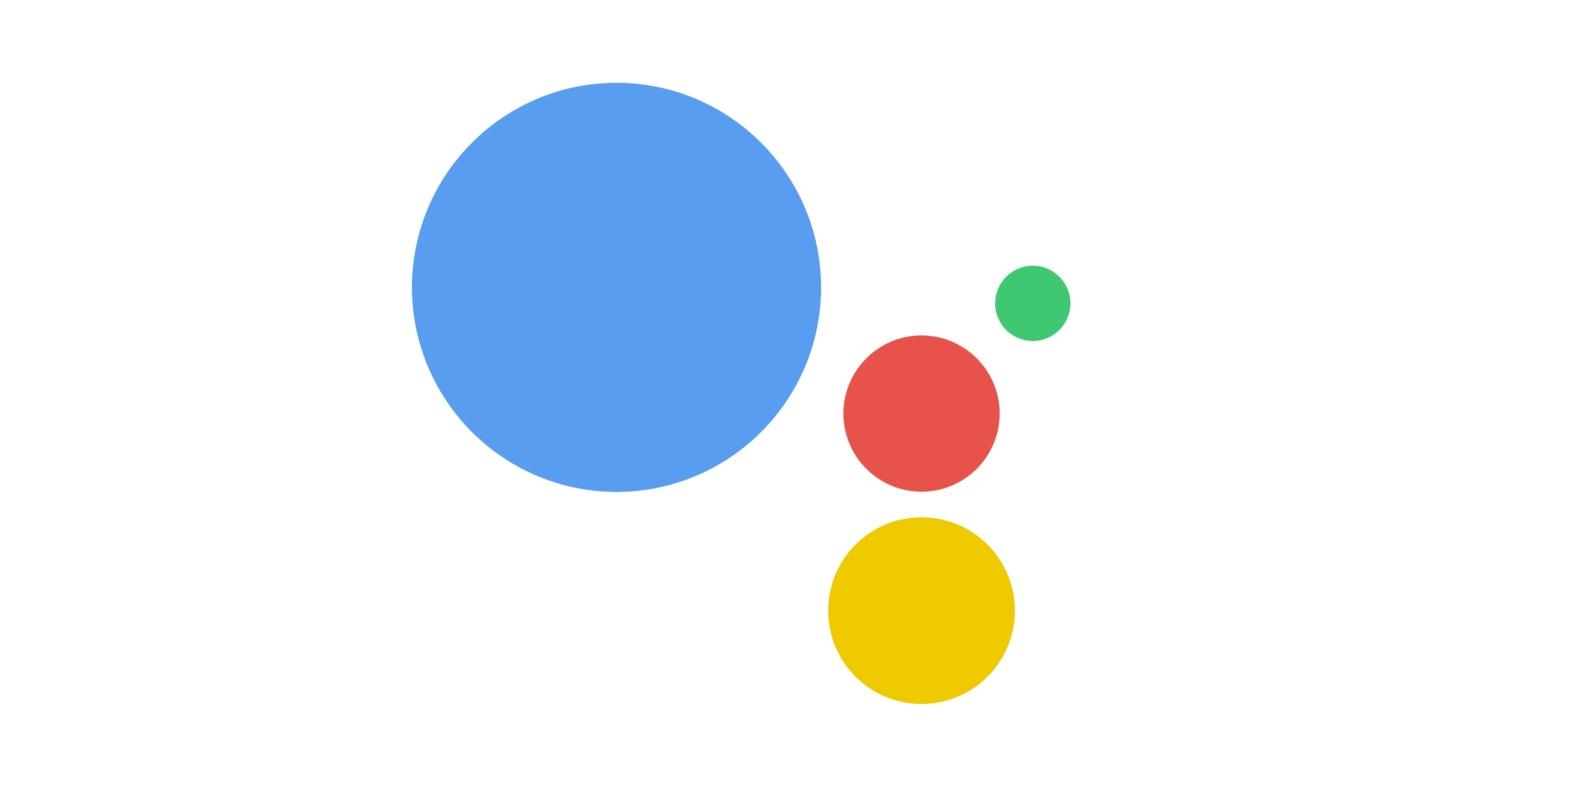 گوگل در تلاش است شخصیت قدرتمندی برایِ دستیار شخصی خود بسازد .